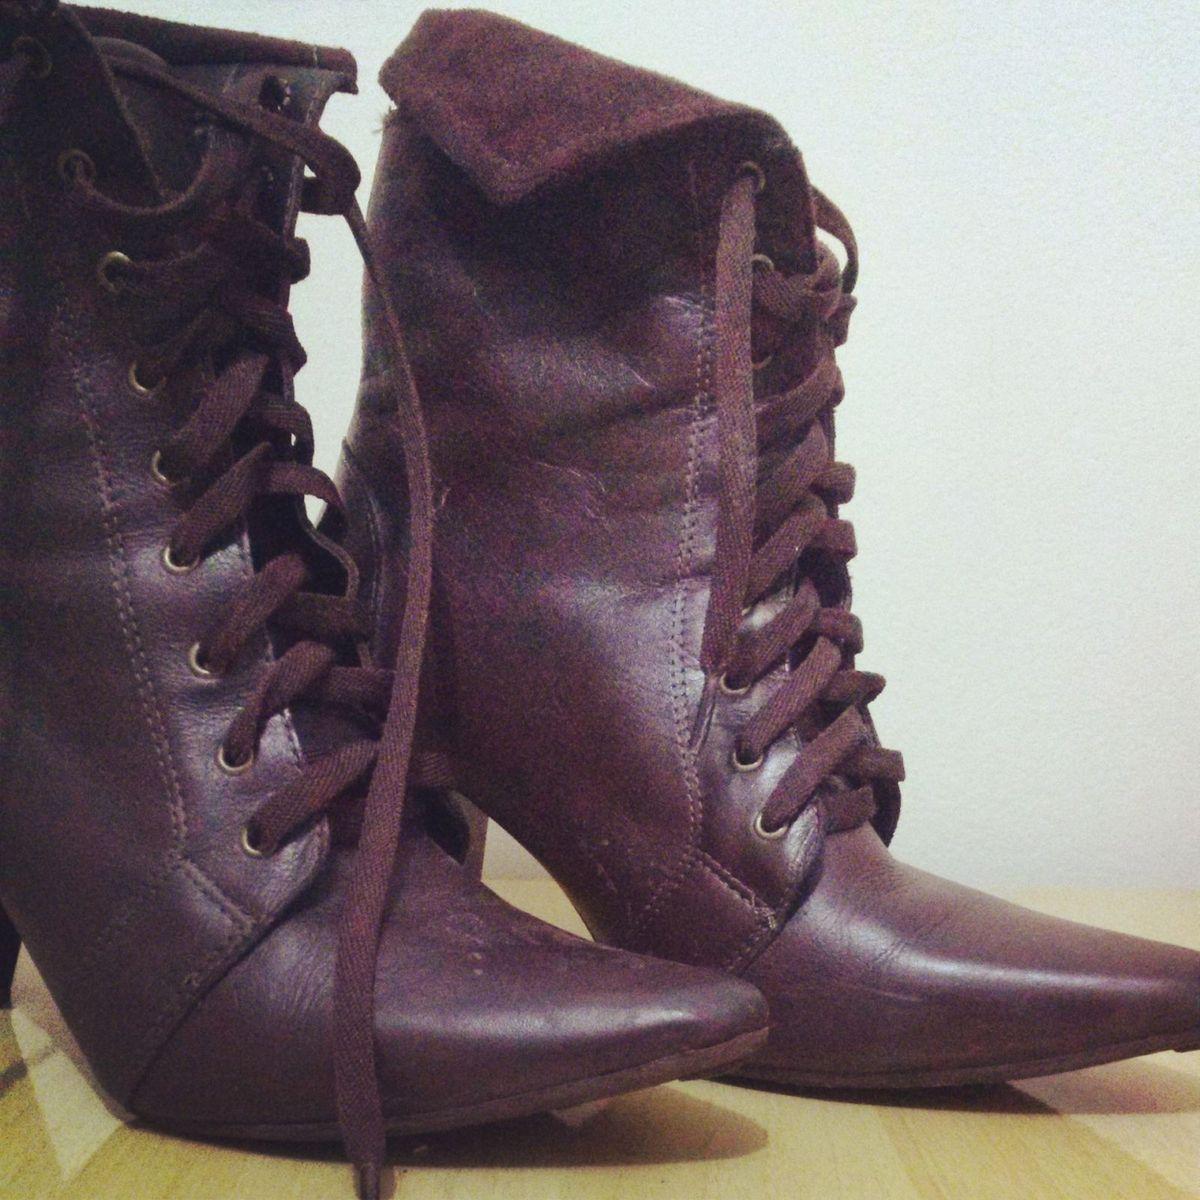 a4d92918d Bota Cano Curto | Bota Feminina Território Do Calçado De Jaú Usado 1215135  | enjoei